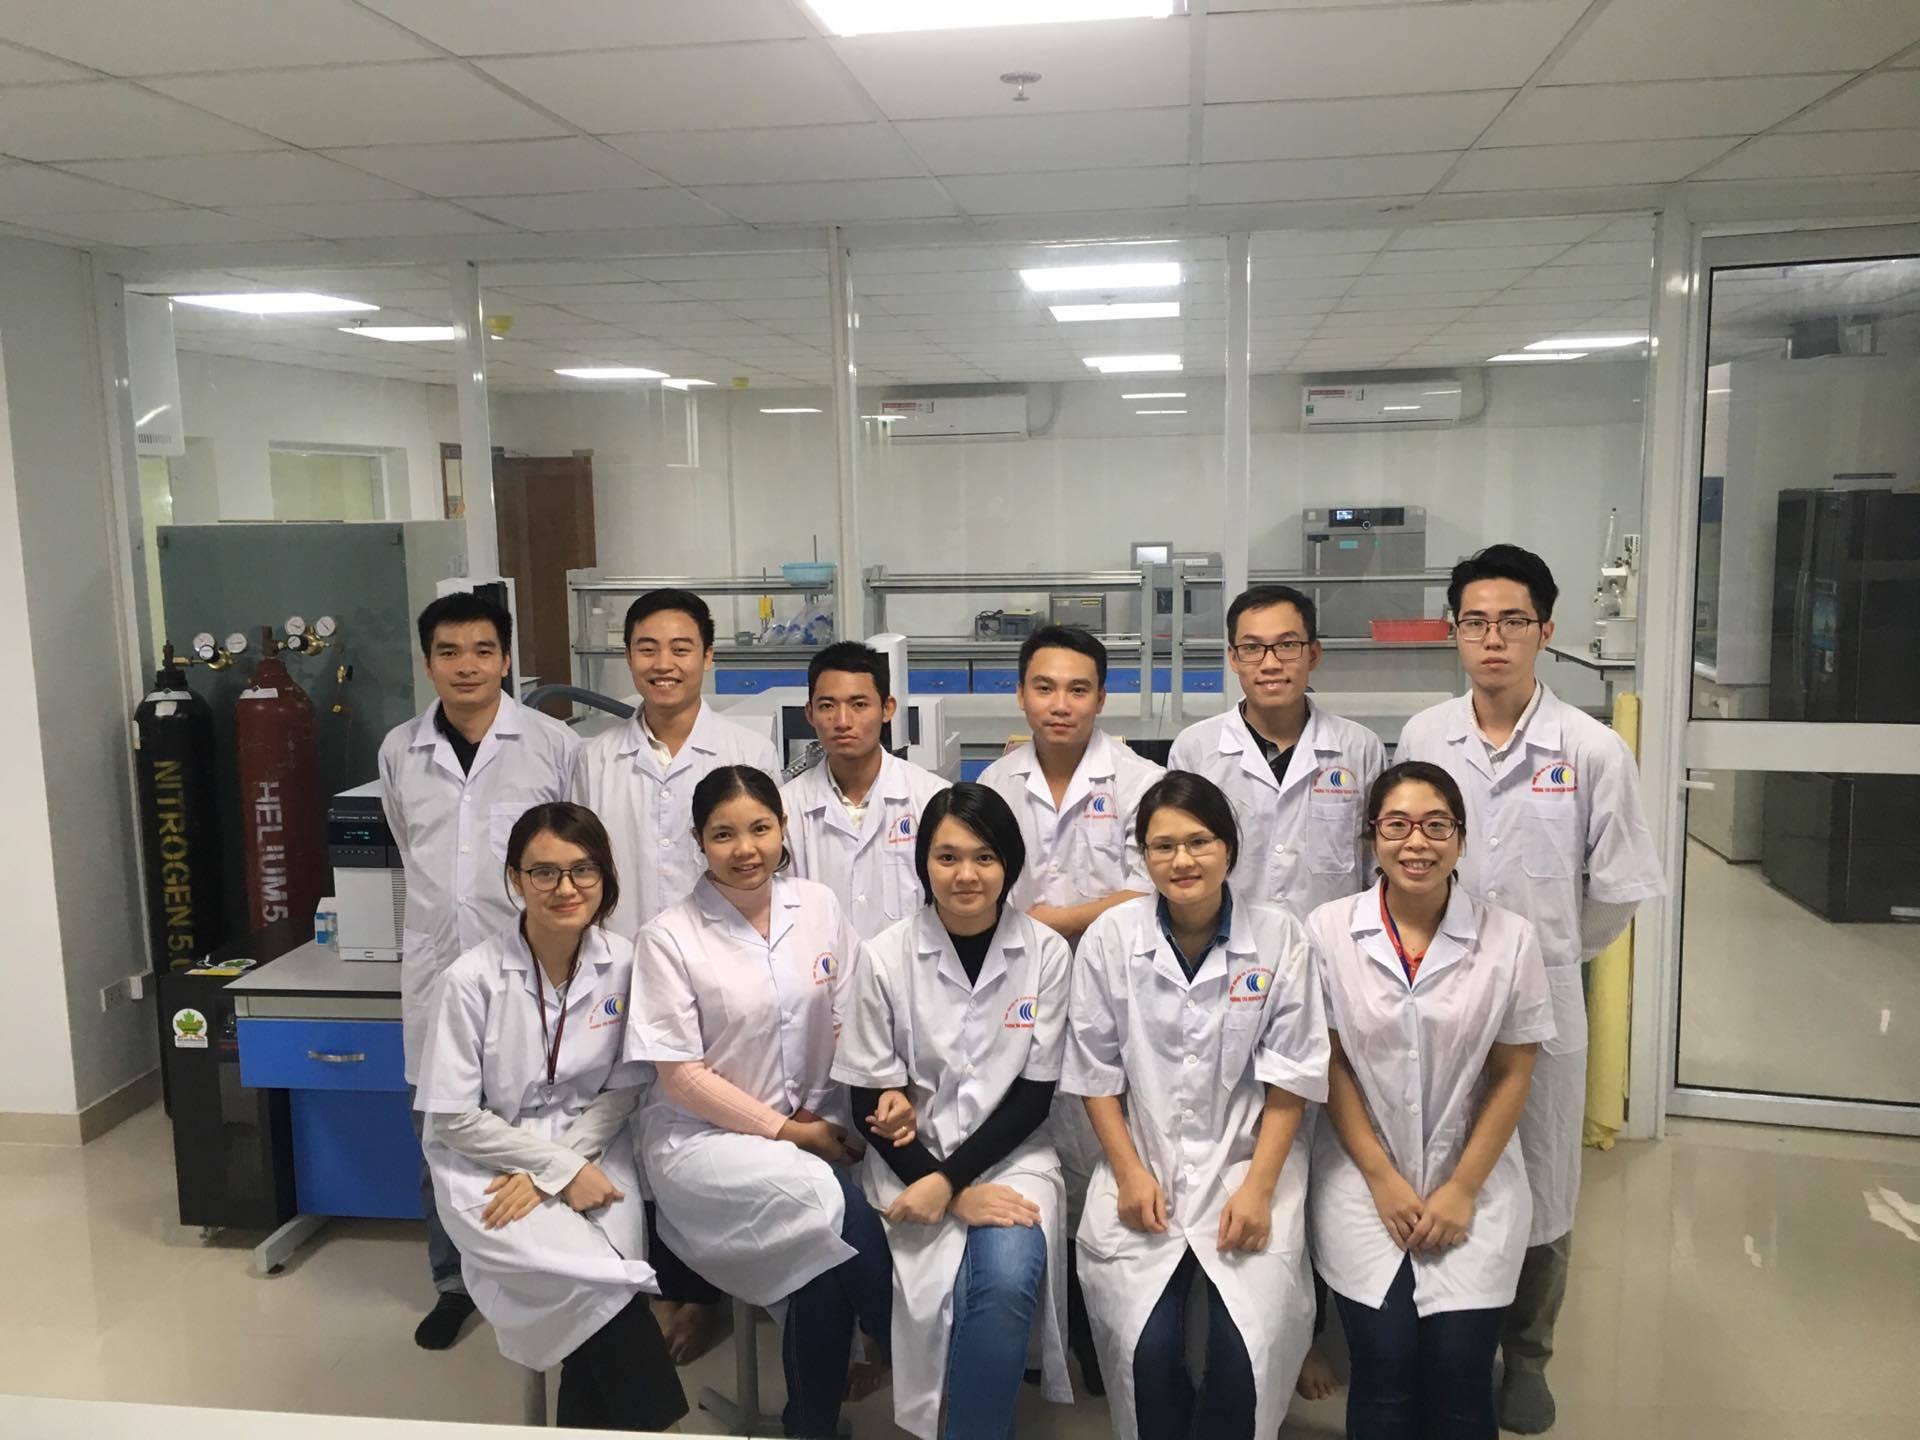 Dự án tăng cường năng lực phòng thí nghiệm trọng điểm cấp Viện Hàn lâm Khoa học và Công nghệ Việt Nam về an toàn thực phẩm và môi trường